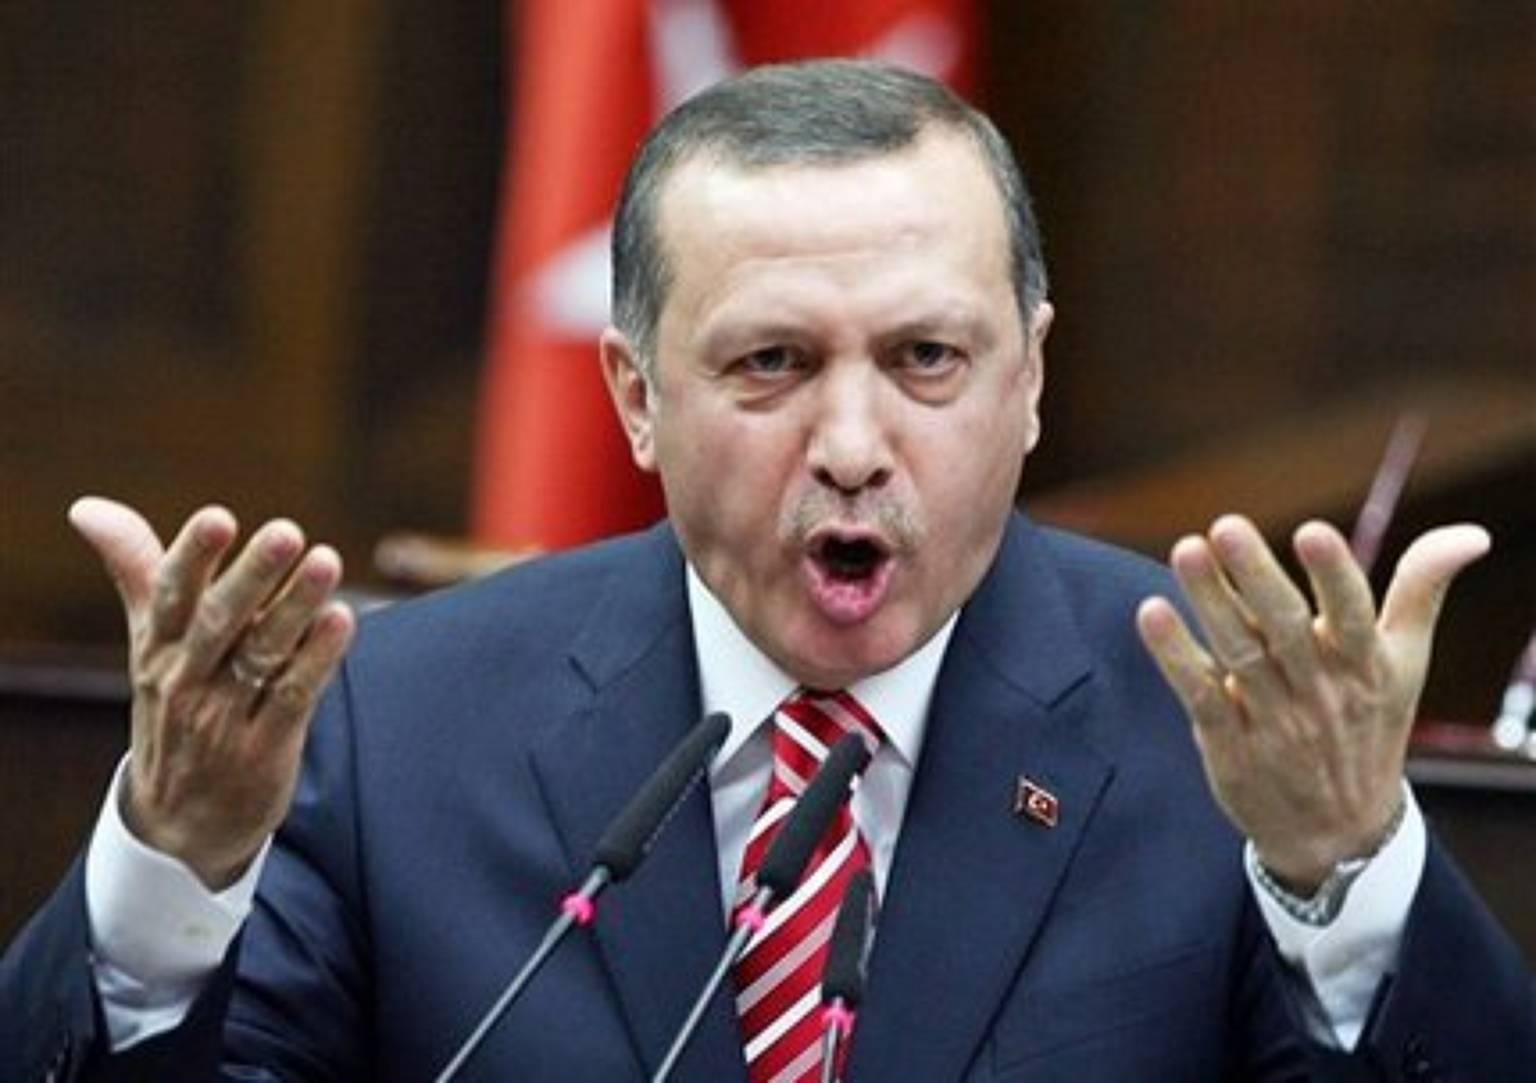 Эрдоган 1845 хүнийг өөрийг нь доромжилсон  хэргээр шүүхэд өгчээ